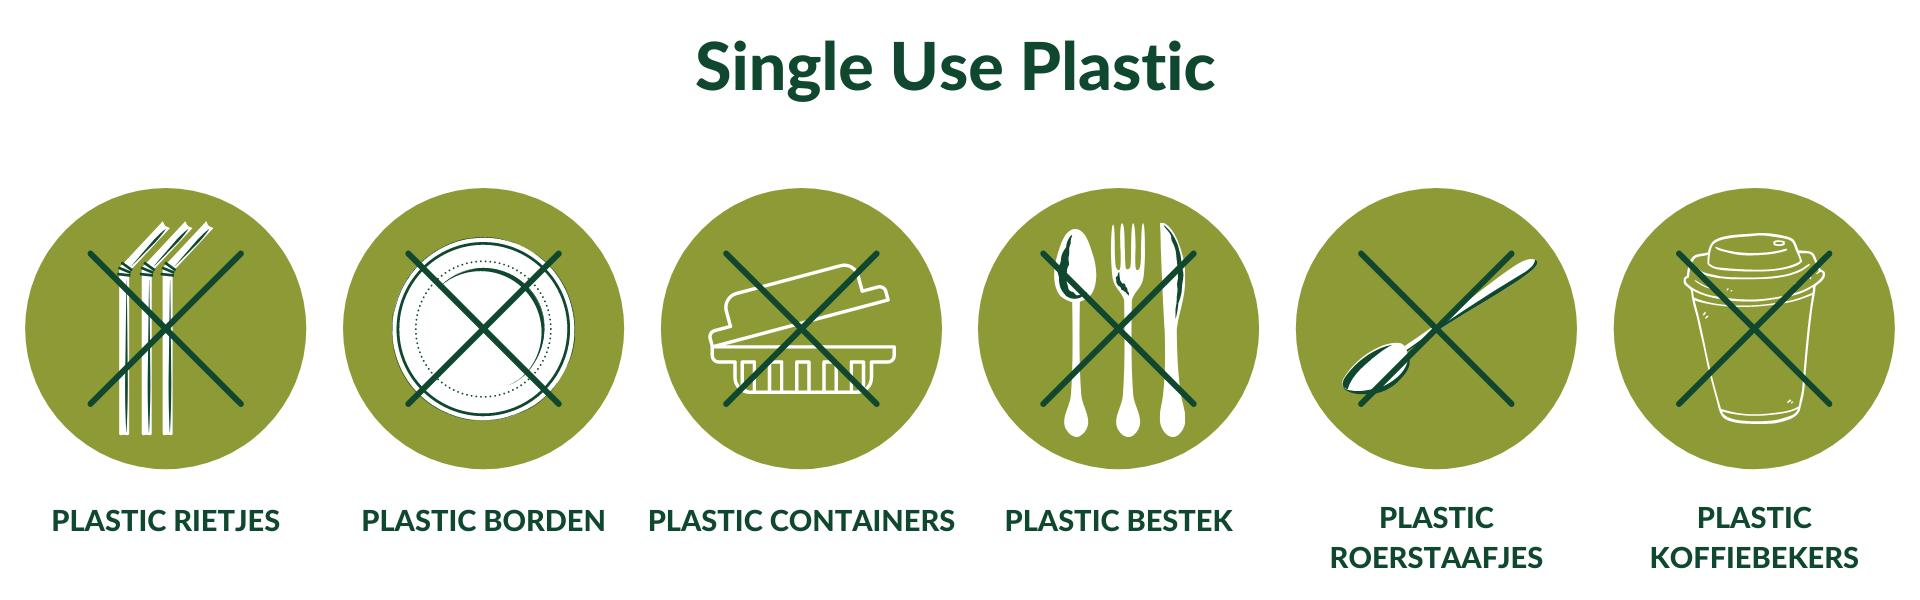 Duurzame-alternatieven-wegwerpplastic-sup-proof